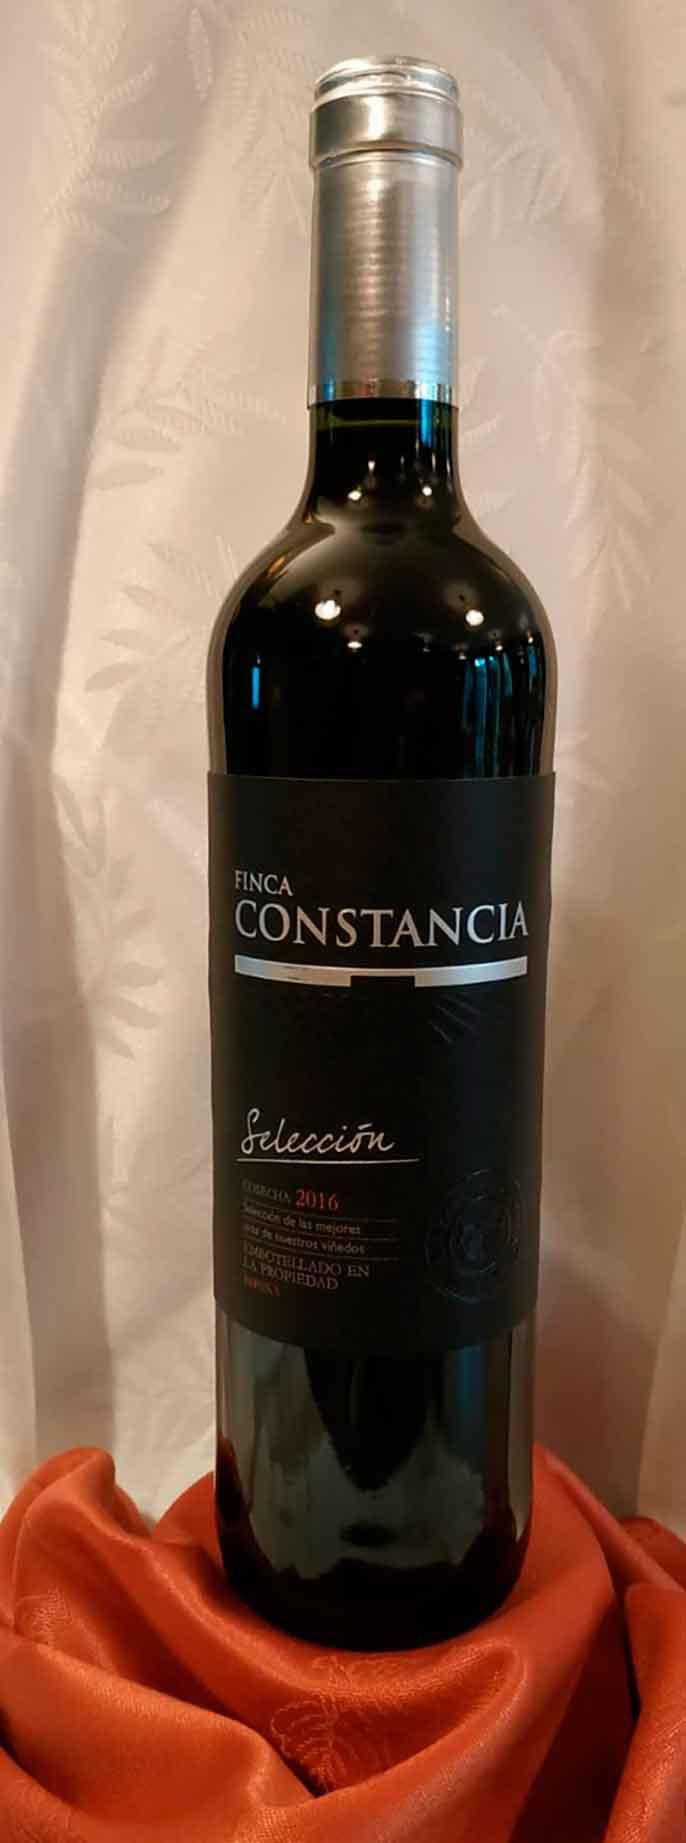 Finca Constancia - Tierra de Castilla